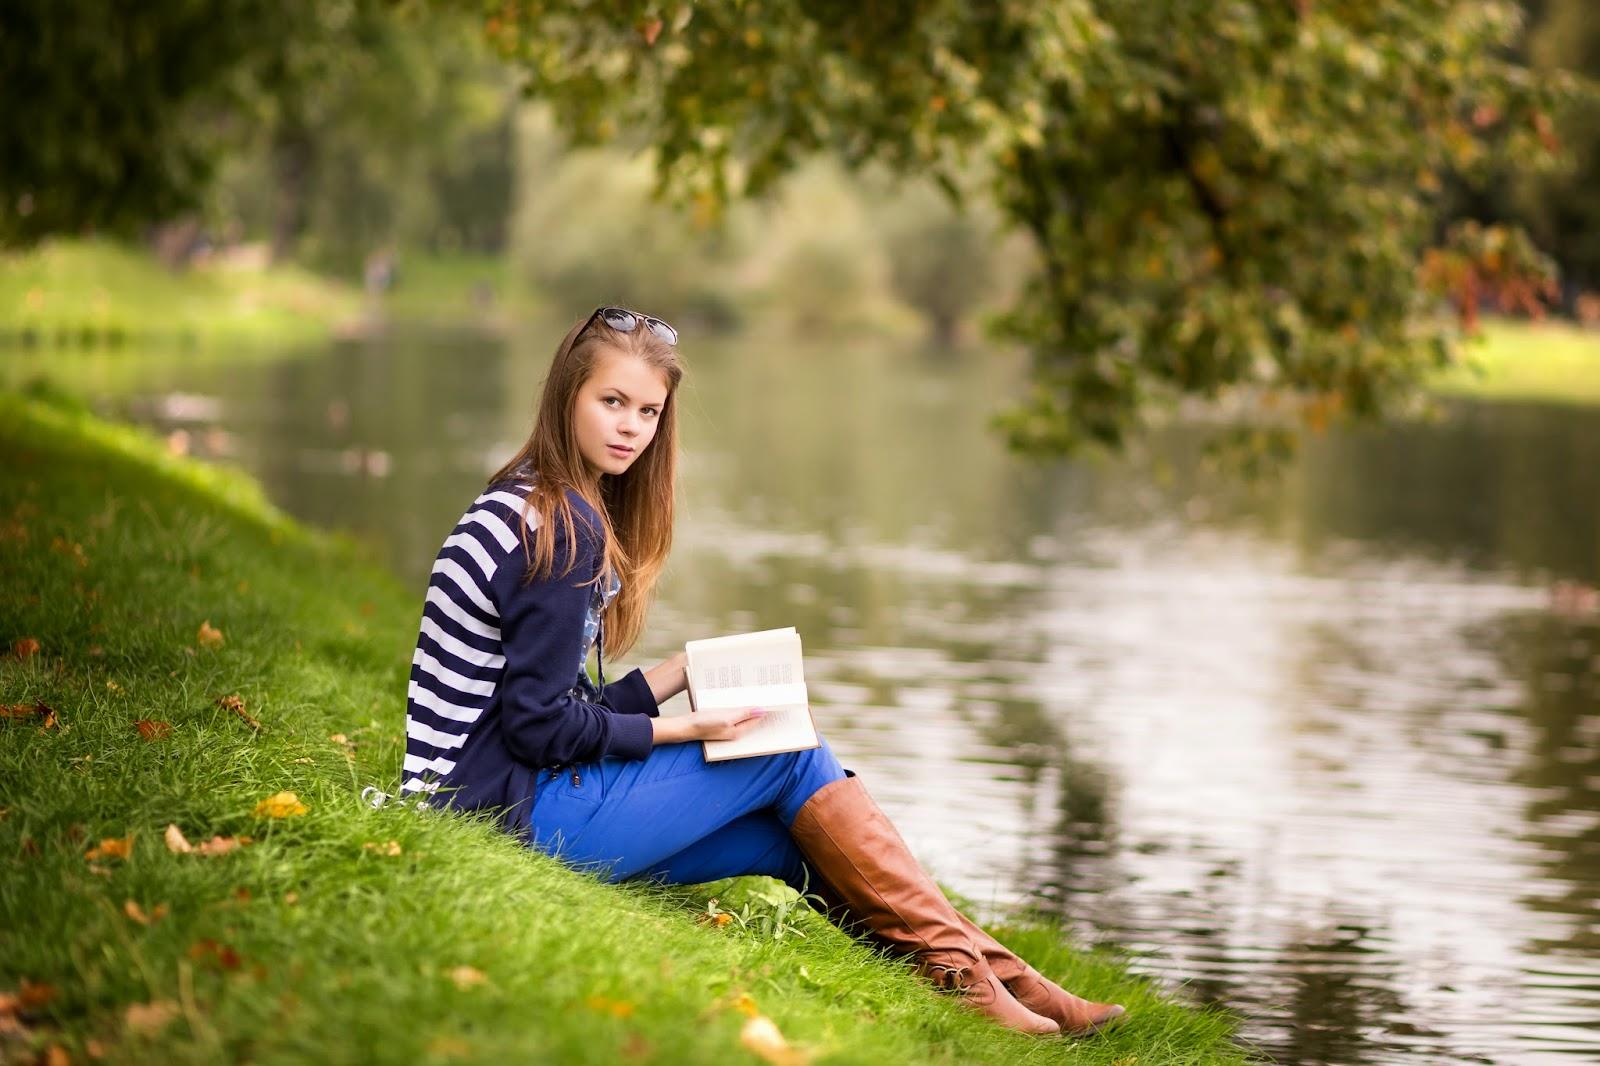 девушка в парке, индивидуальная фотосессия, осень, газон, озеро